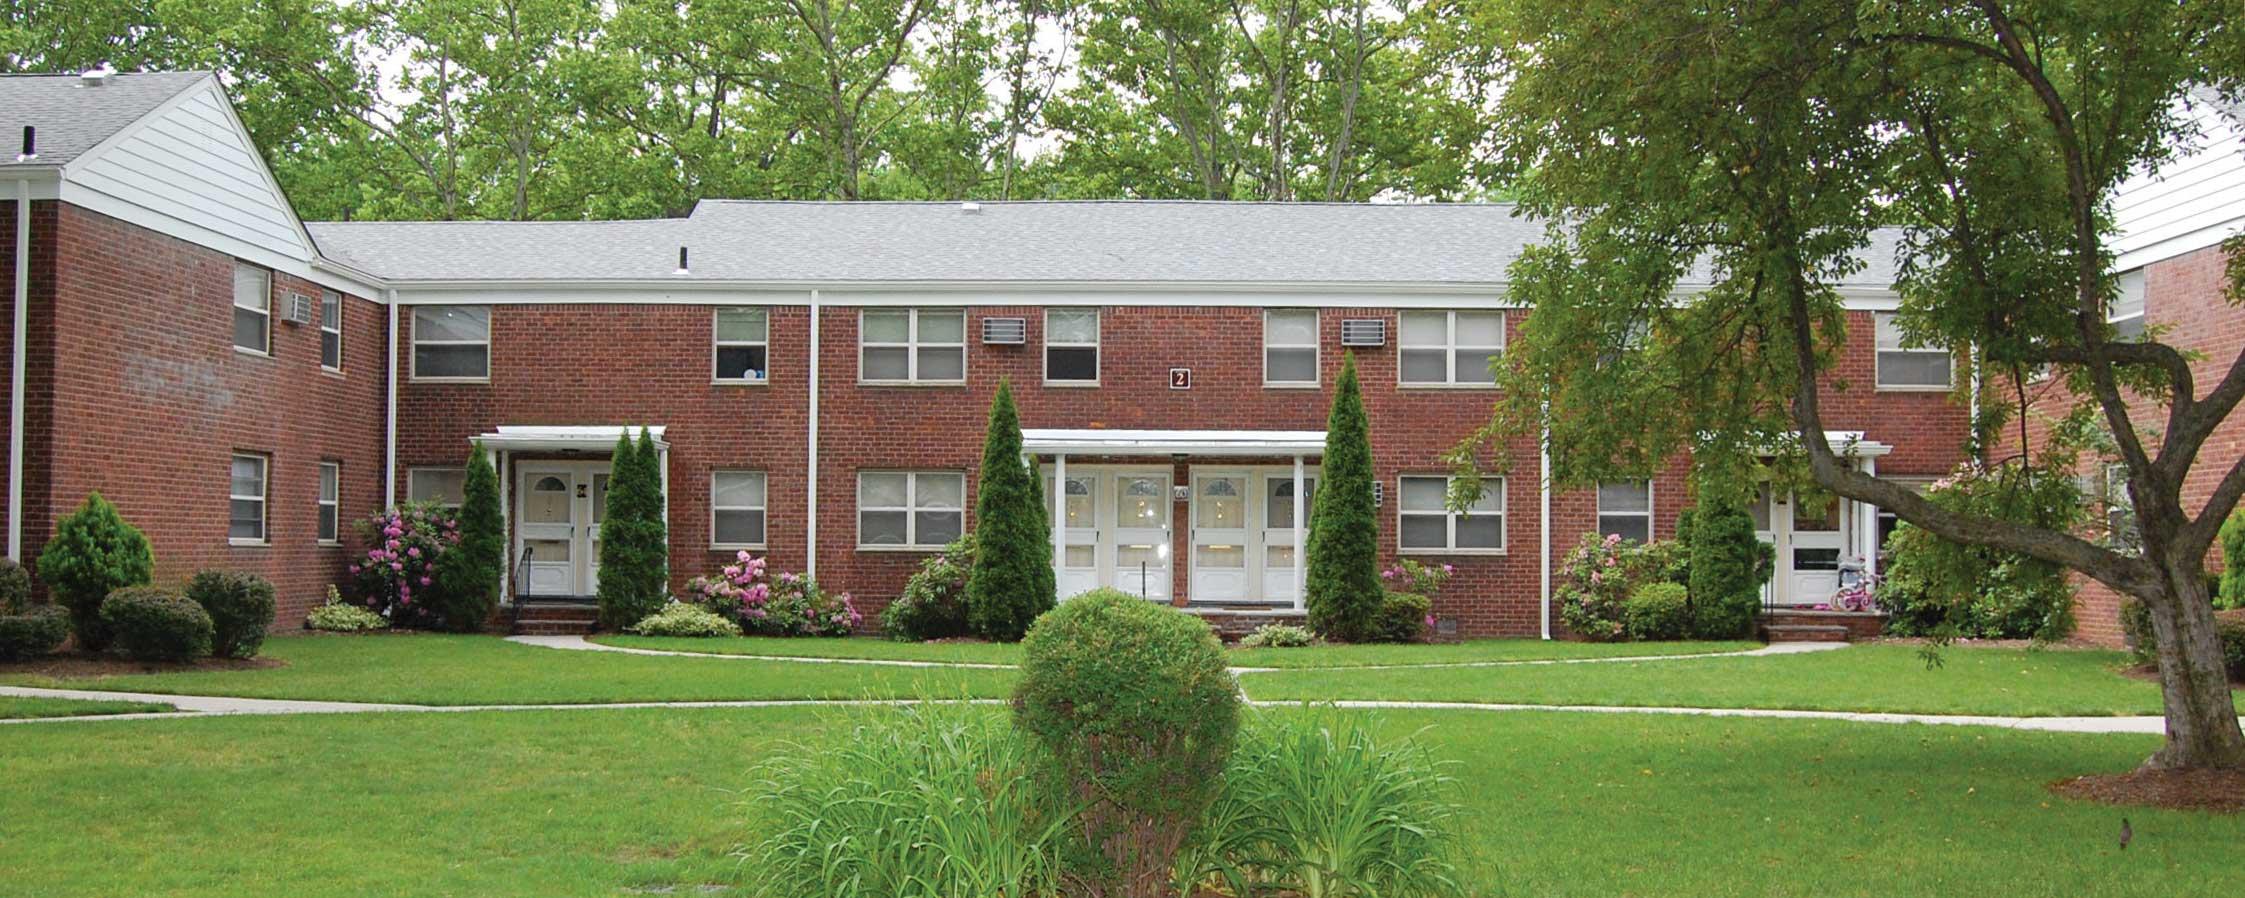 Apartments in Leonia, NJ